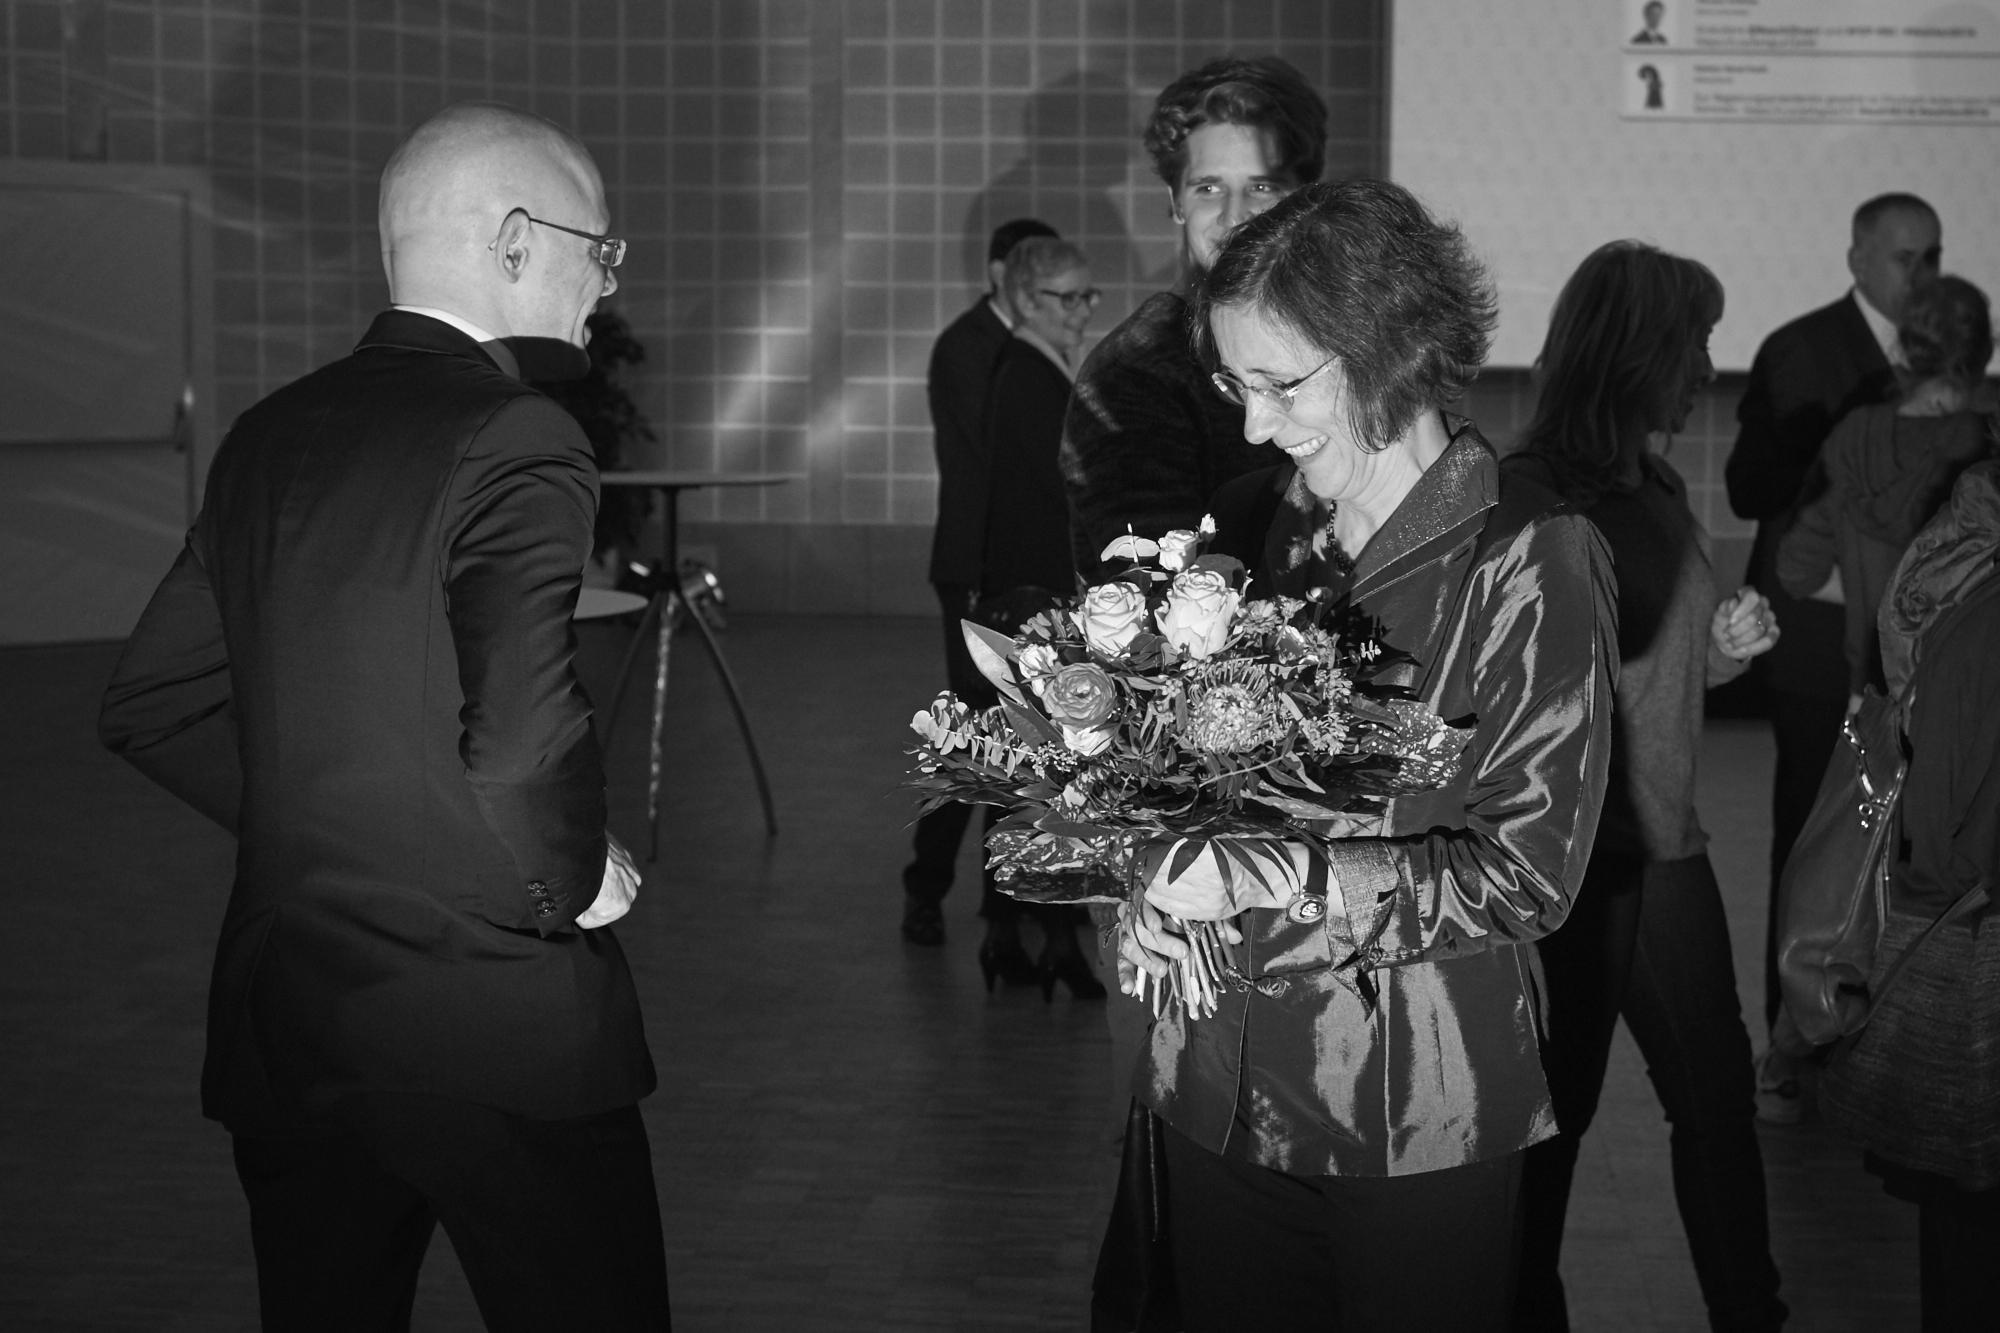 Eine Geste, die für Freude sorgt: Baschi Dürr (l.) hat Heidi Mück sein Rosen-Bouquet geschenkt.